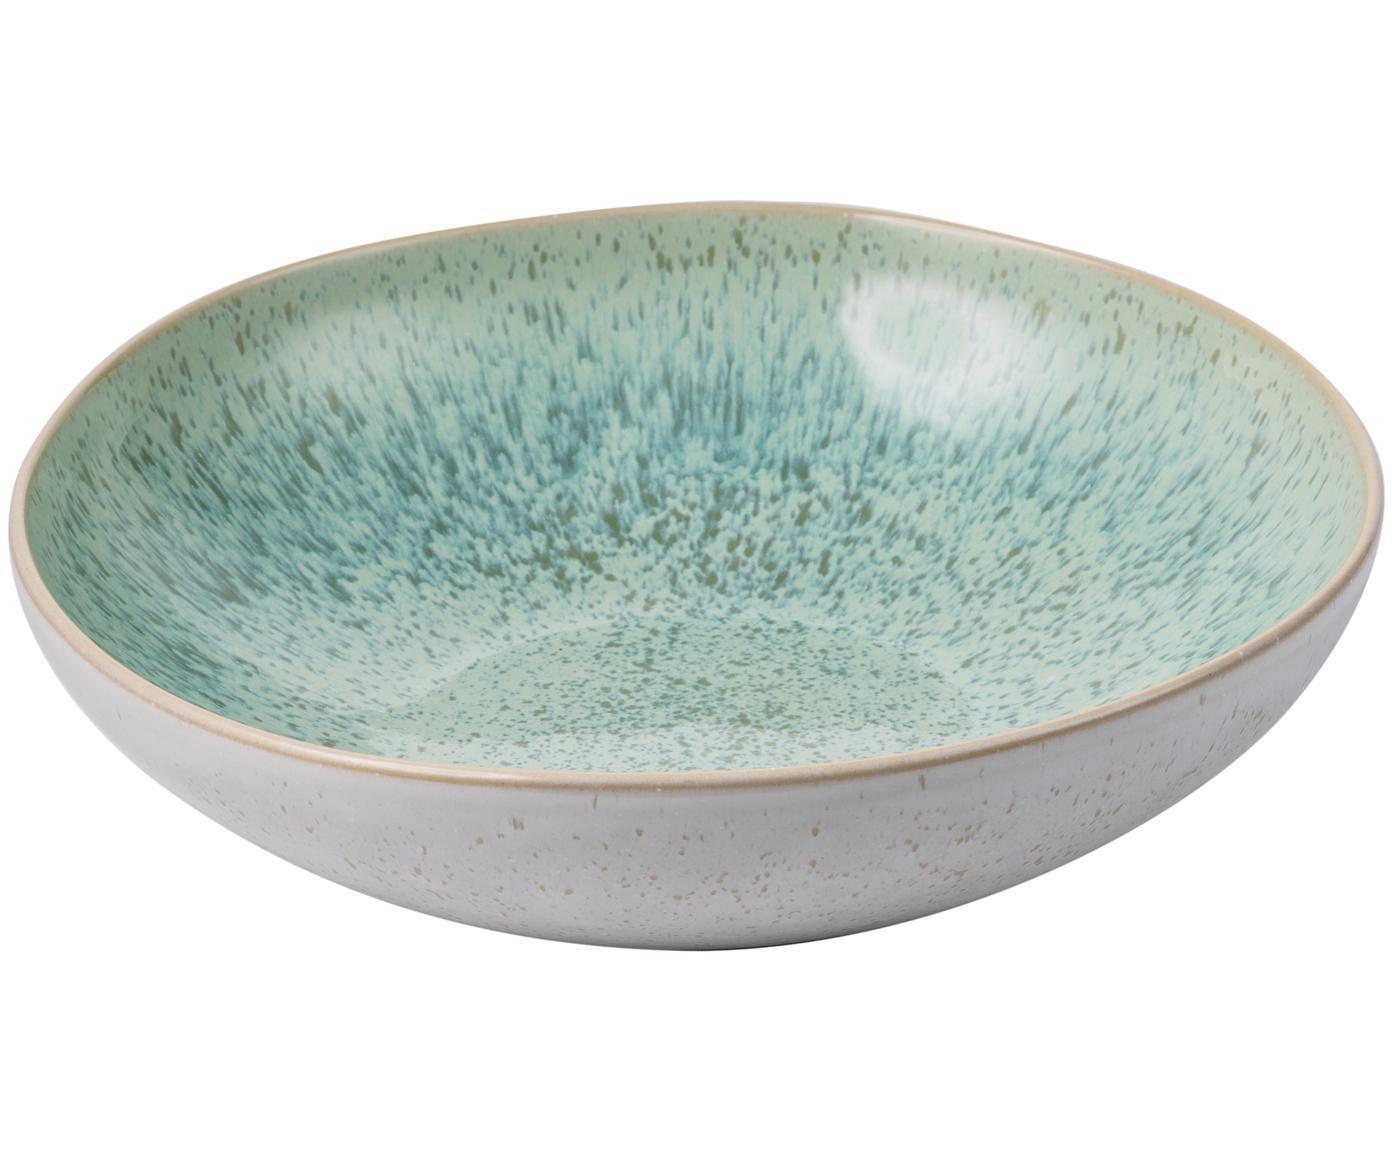 Handbemalte Schale Areia mit reaktiver Glasur, Steingut, Mint, Gebrochenes Weiß, Beige, Ø 22 x H 5 cm